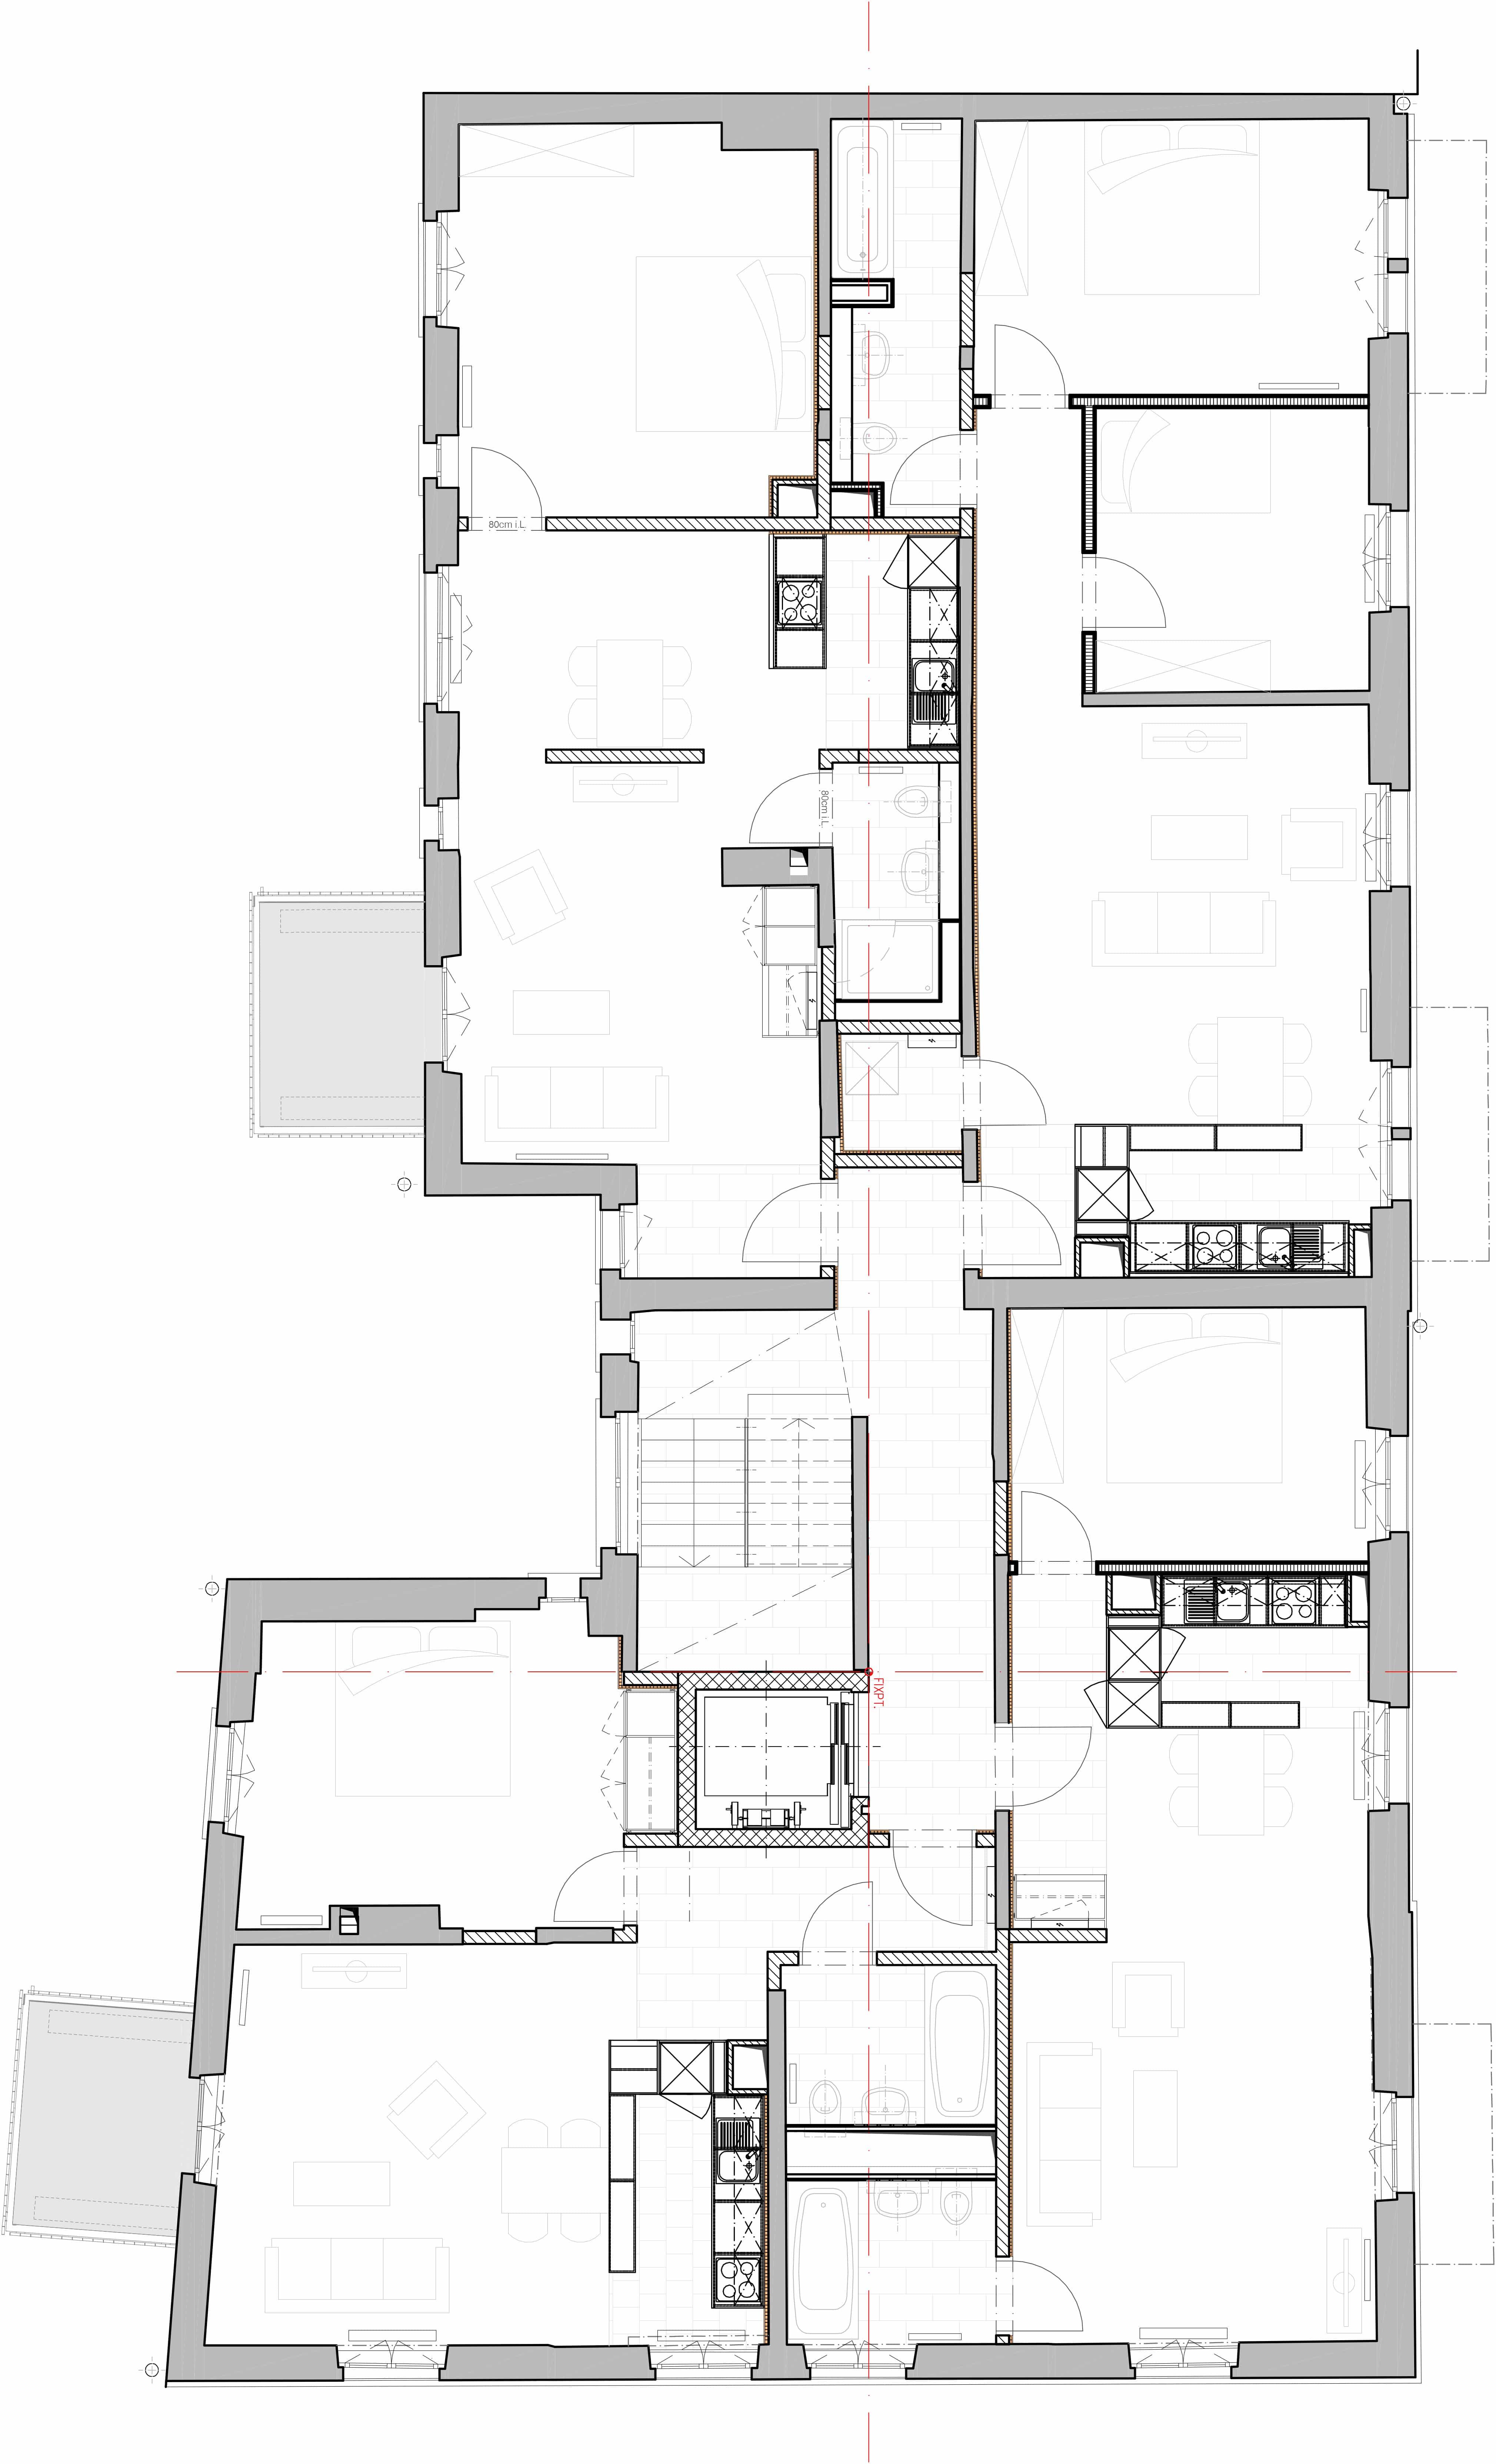 MFH Breitensteinstrasse Plan